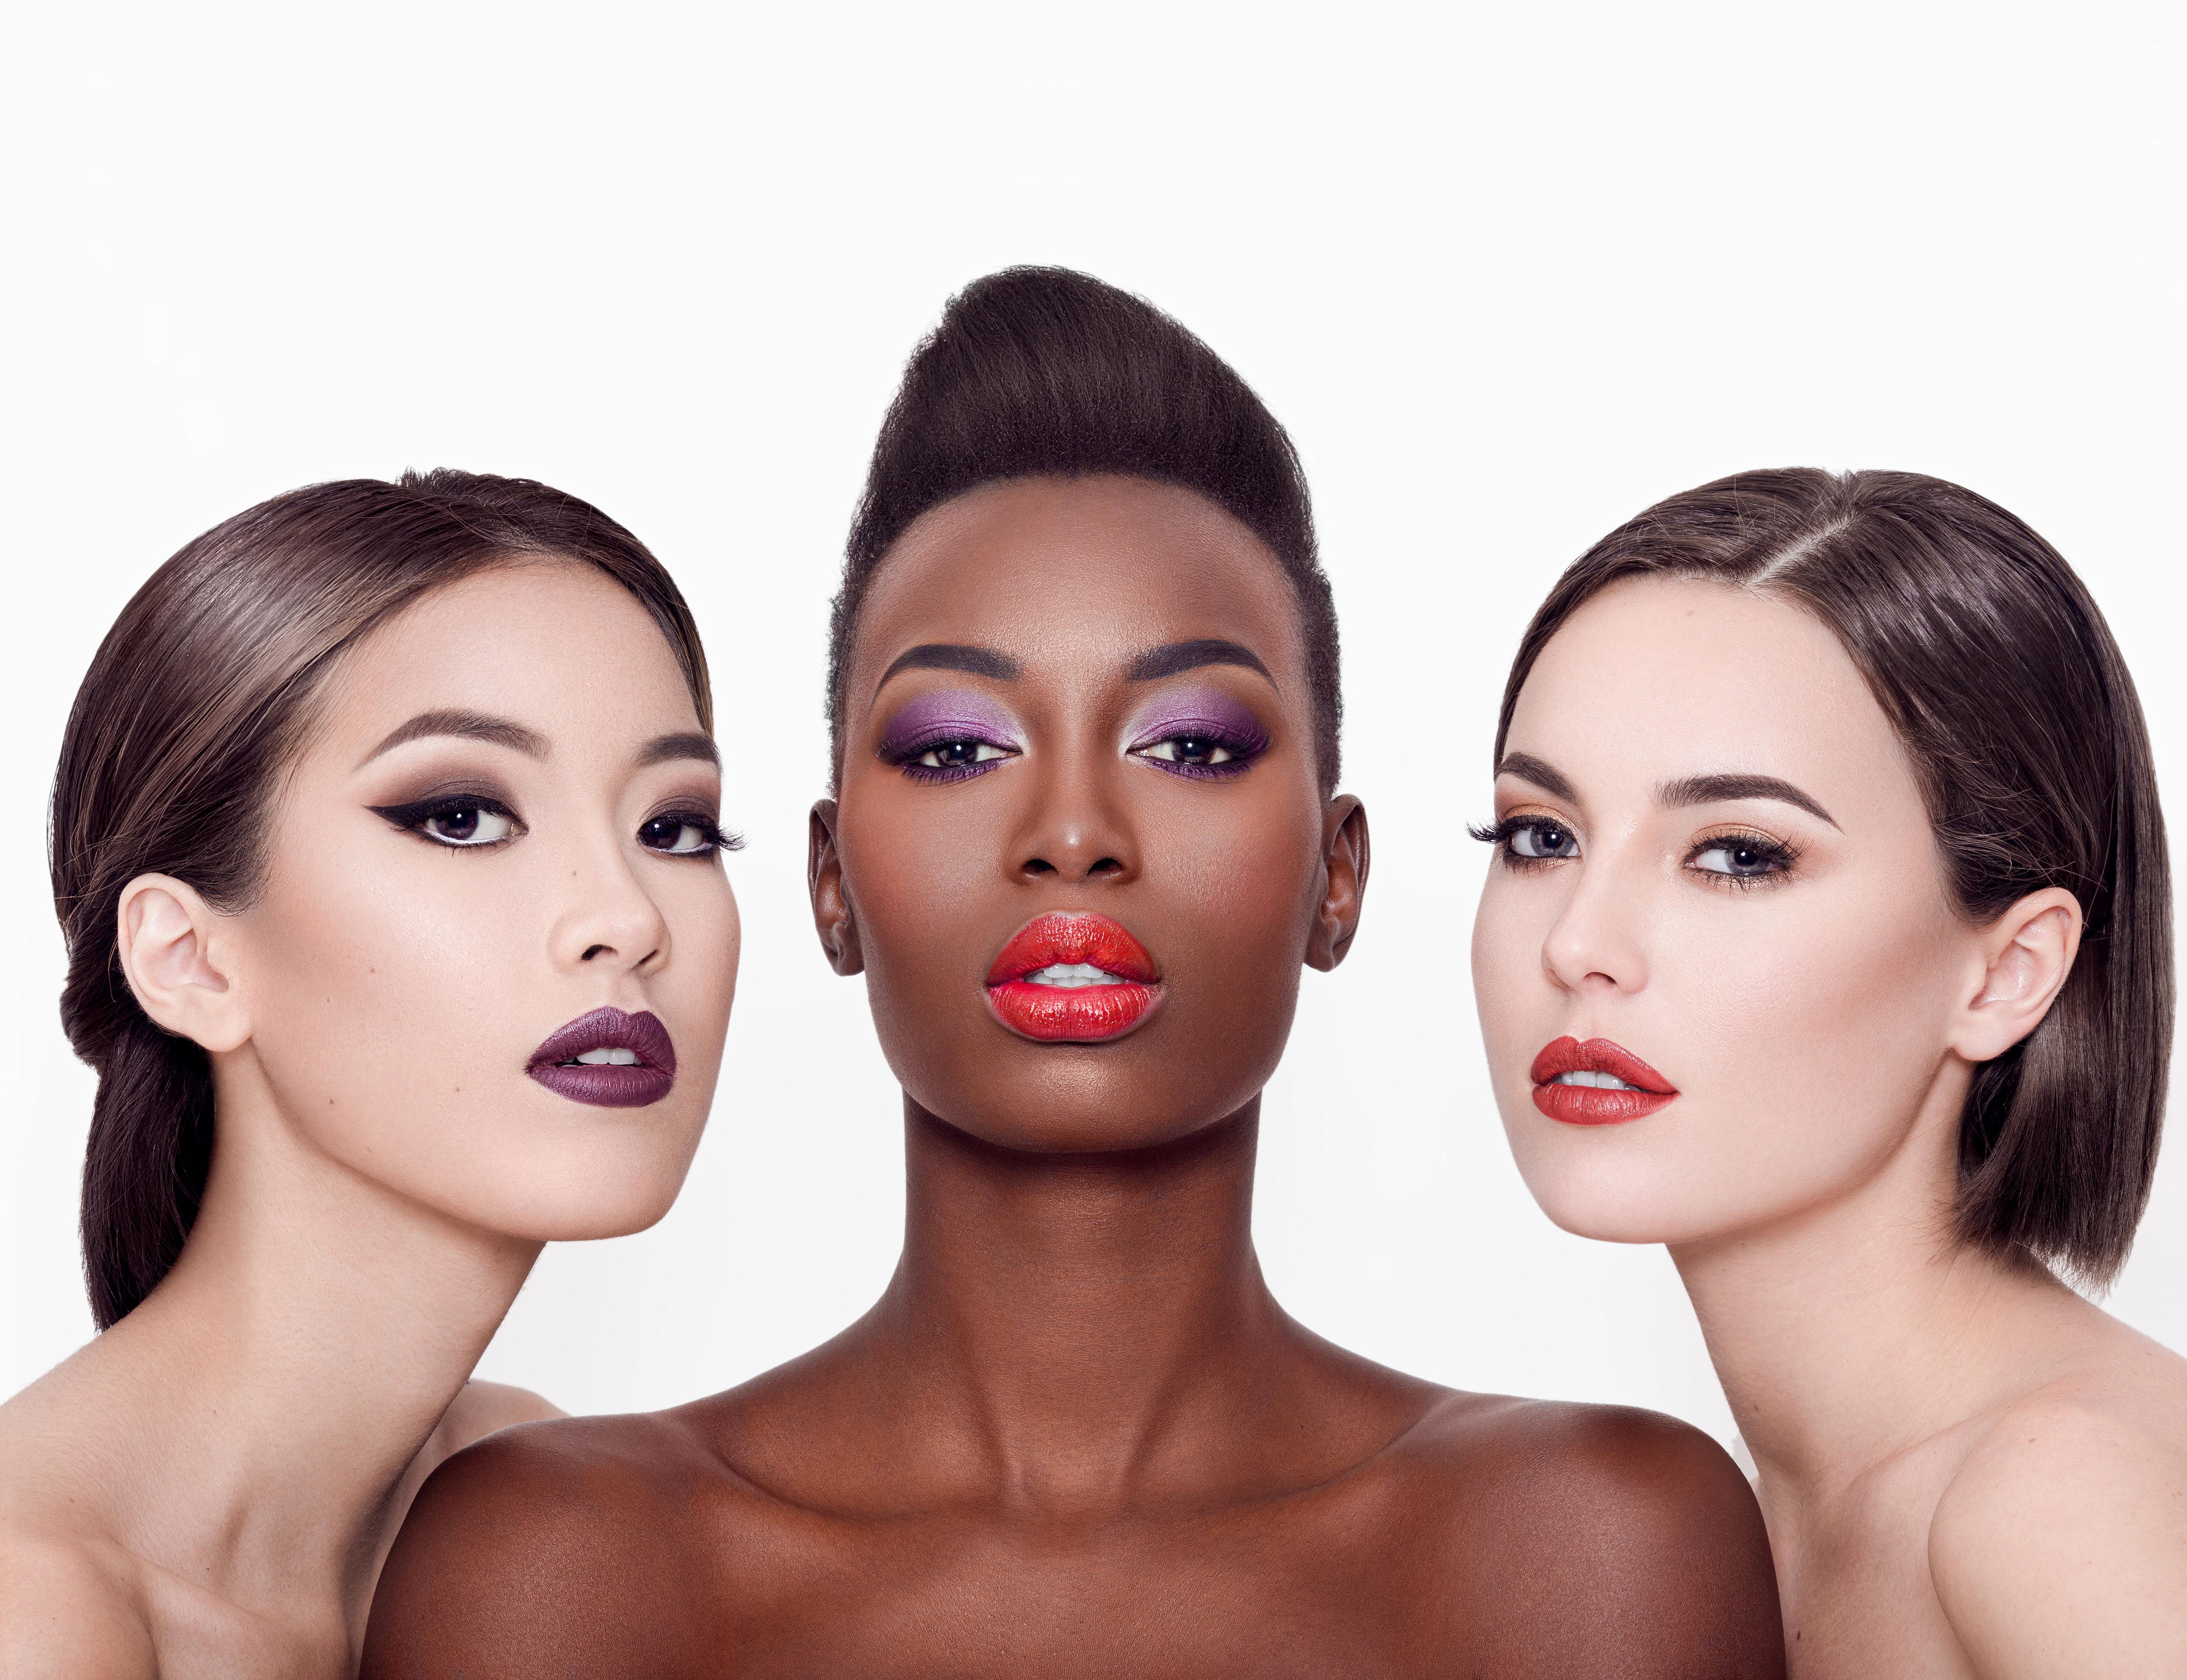 wesley_hilton_artist_makeup